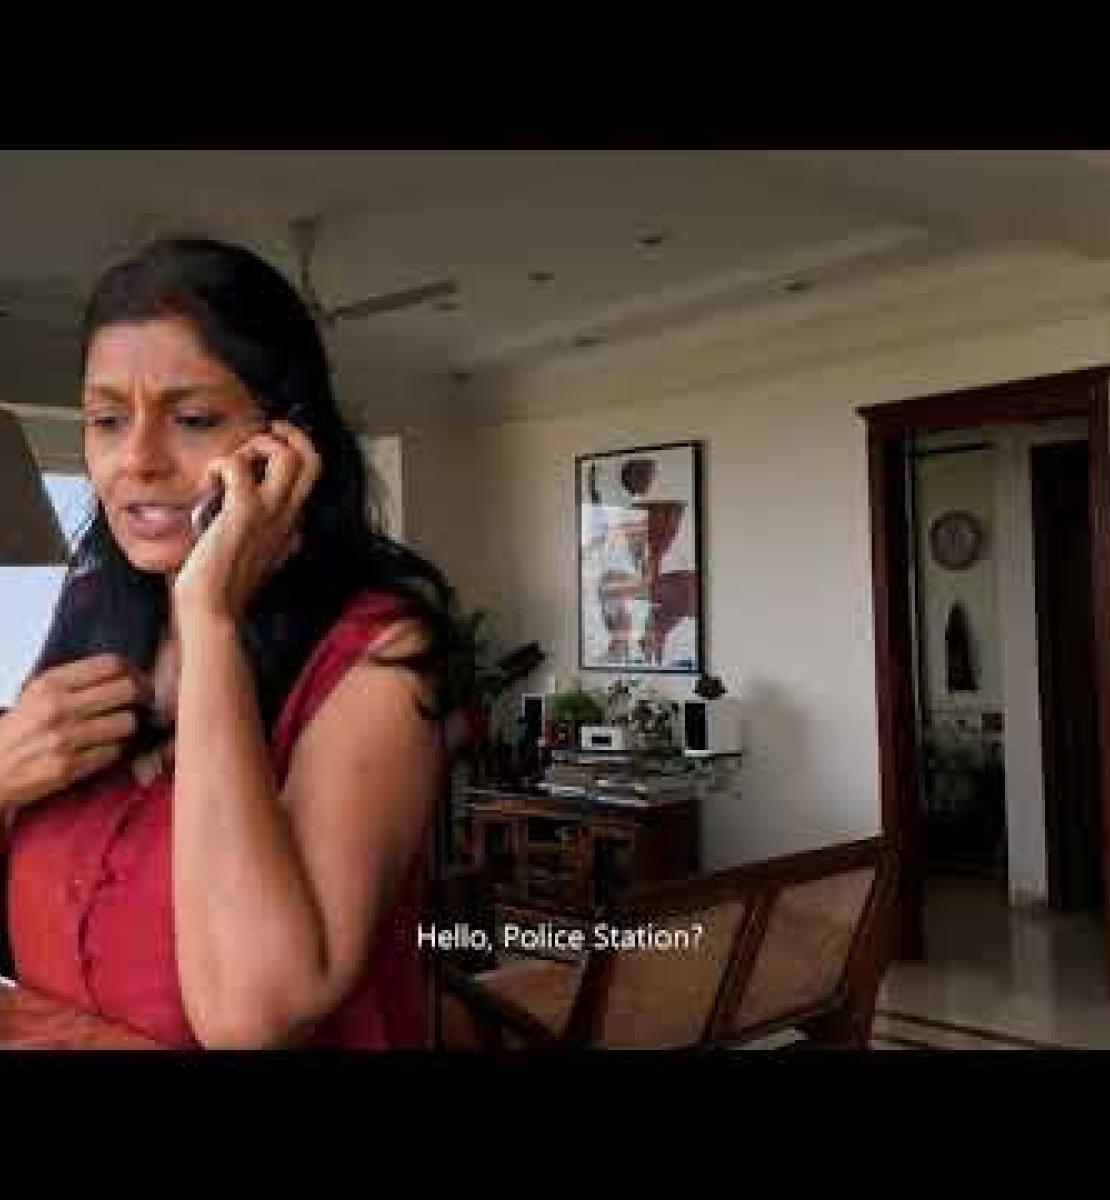 """""""أصغِ إليها"""": فيلم قصير عن العنف المنزلي في الهند يثير المشاعر ويدعو إلى اتخاذ إجراءات حاسمة"""